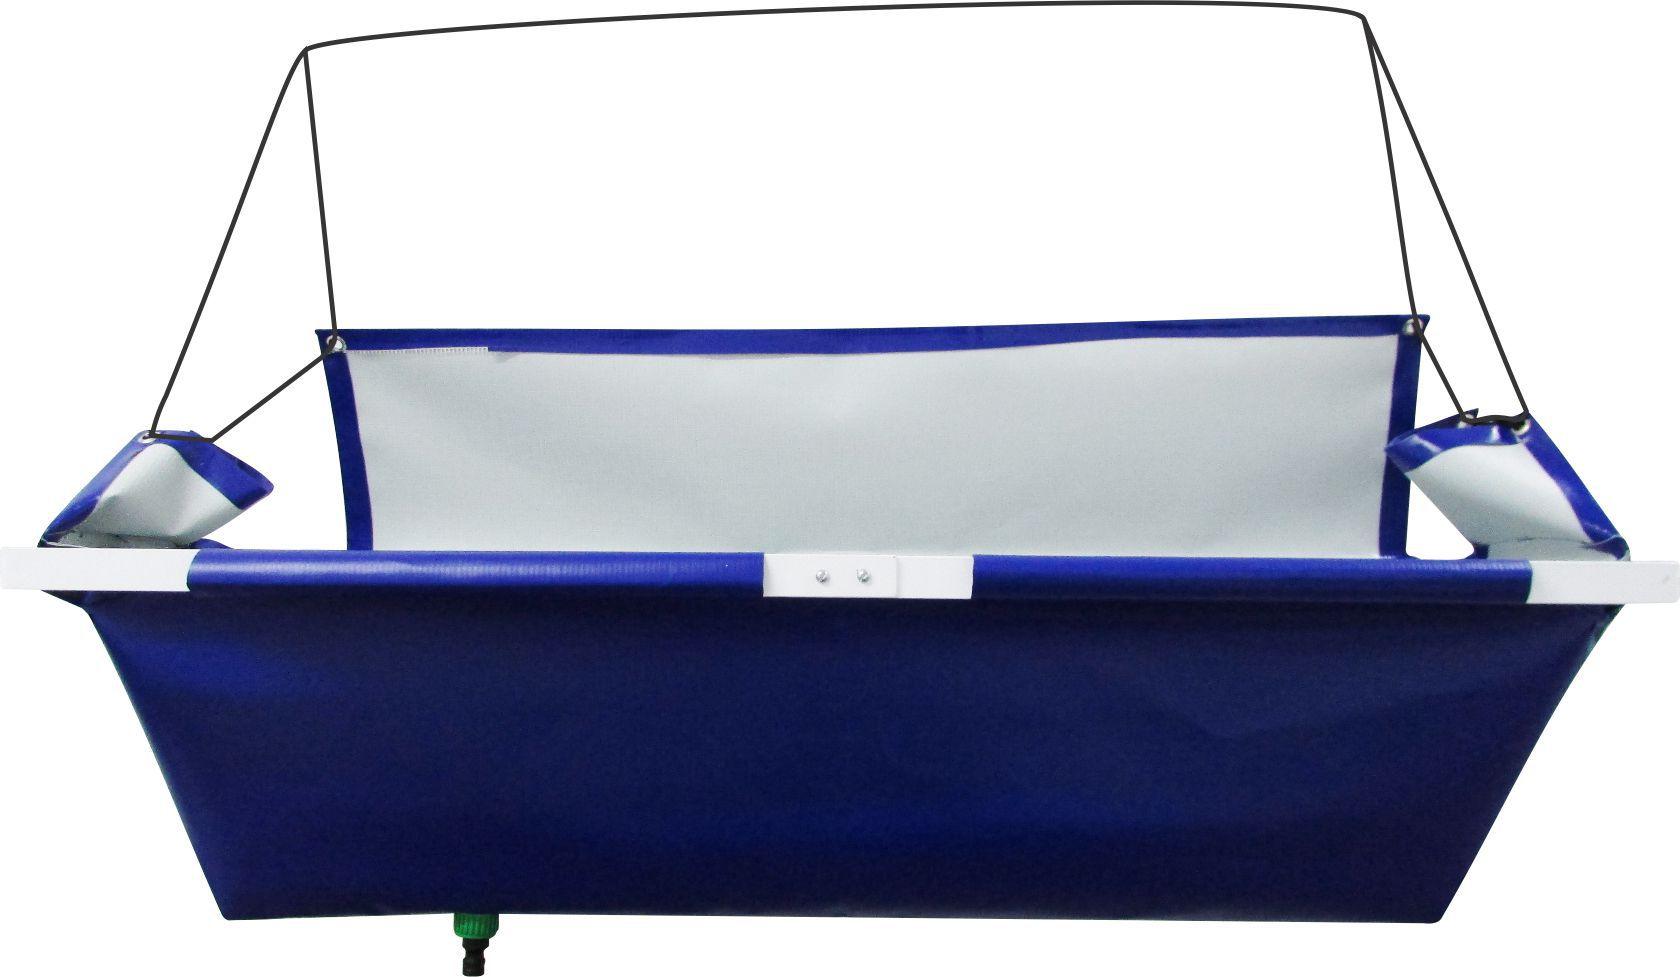 Kit para Limpeza de Ar Condicionado Split - Maquina Automática GBMak PopClean 16 Litros / Pulverizador Manual / Coletor de Resíduos Split